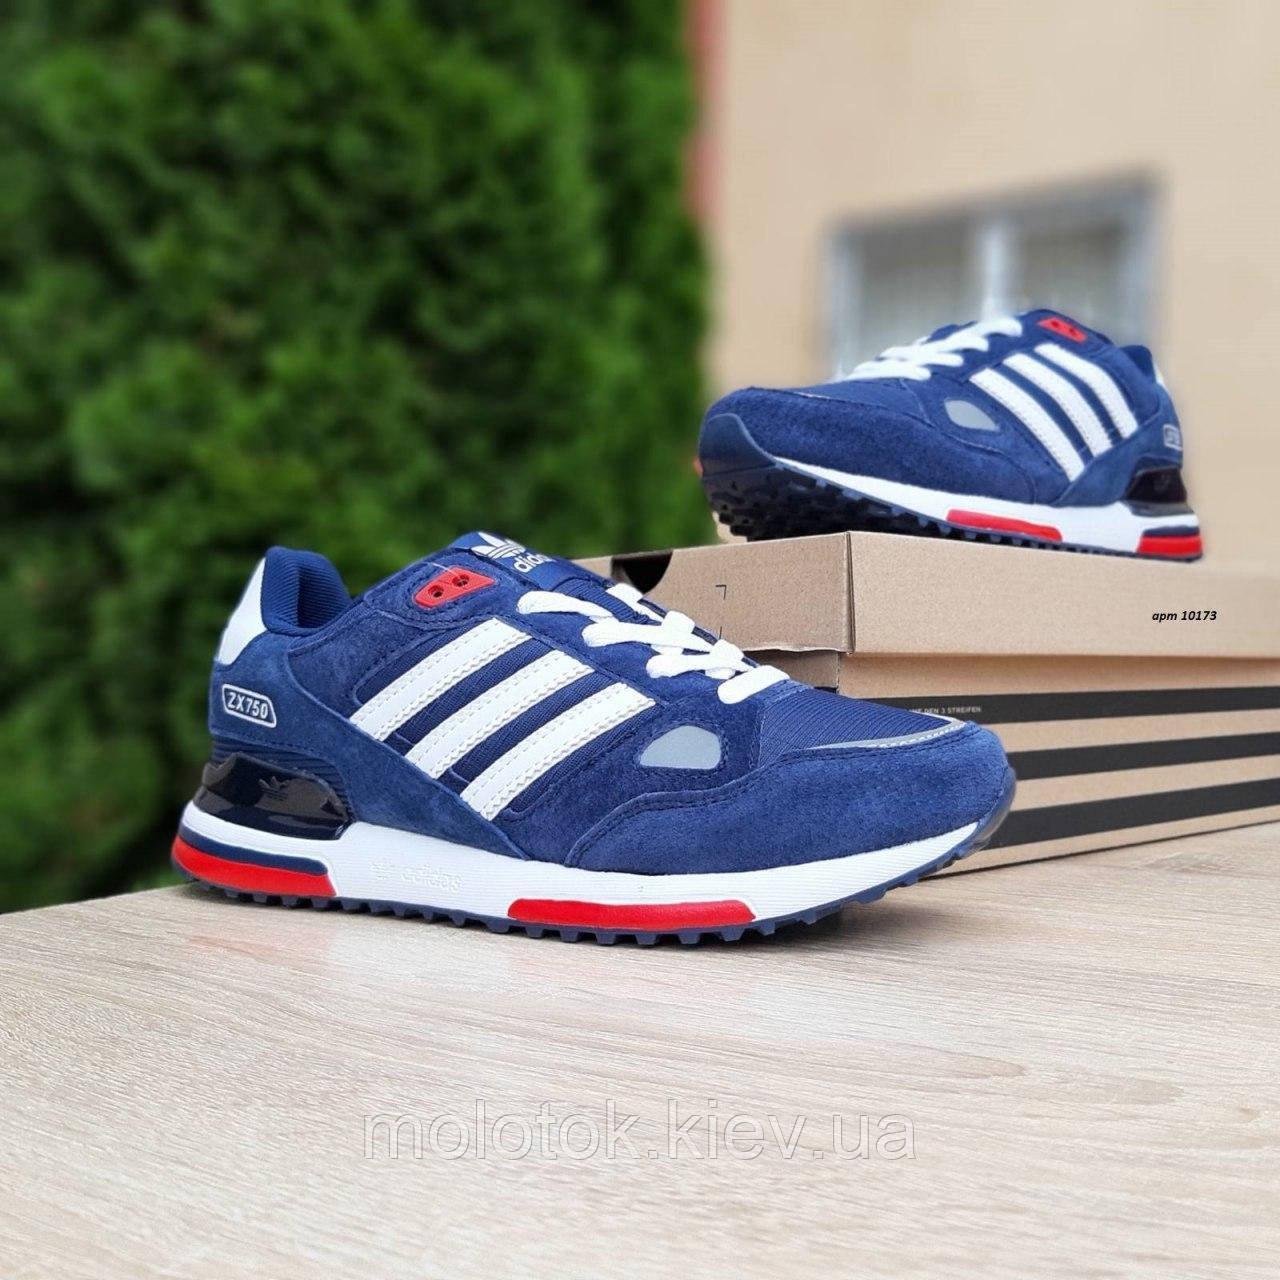 Чоловічі кросівки в стилі Adidas ZX 500 сині